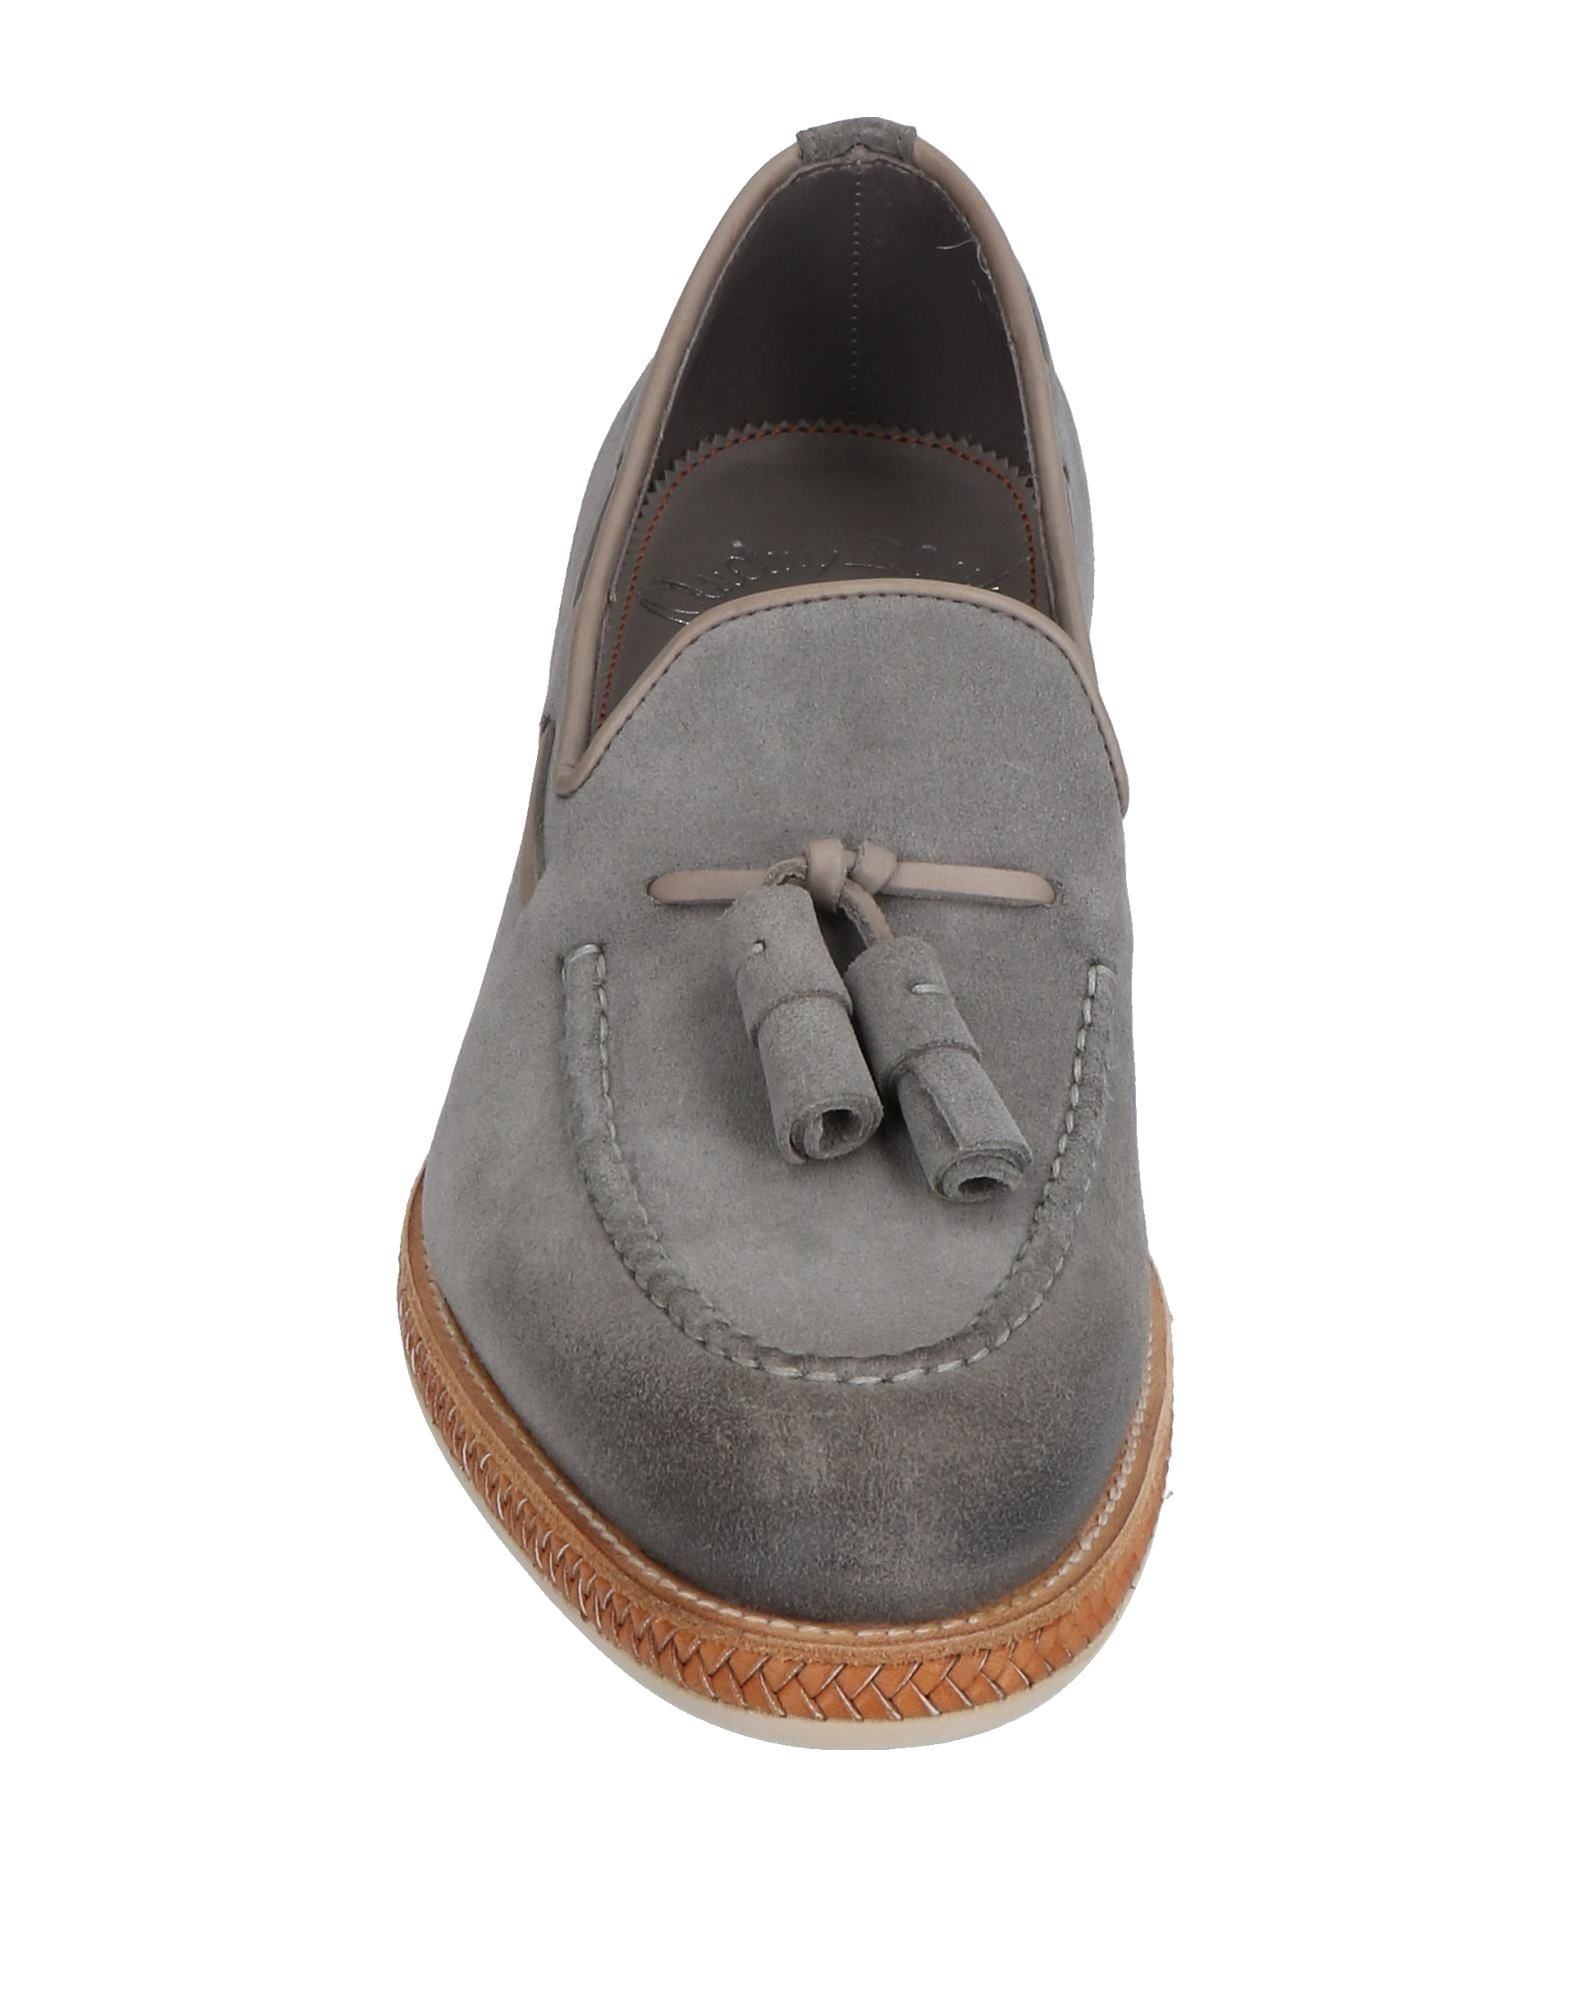 Santoni Mokassins Herren  11497262PW Gute Qualität beliebte Schuhe